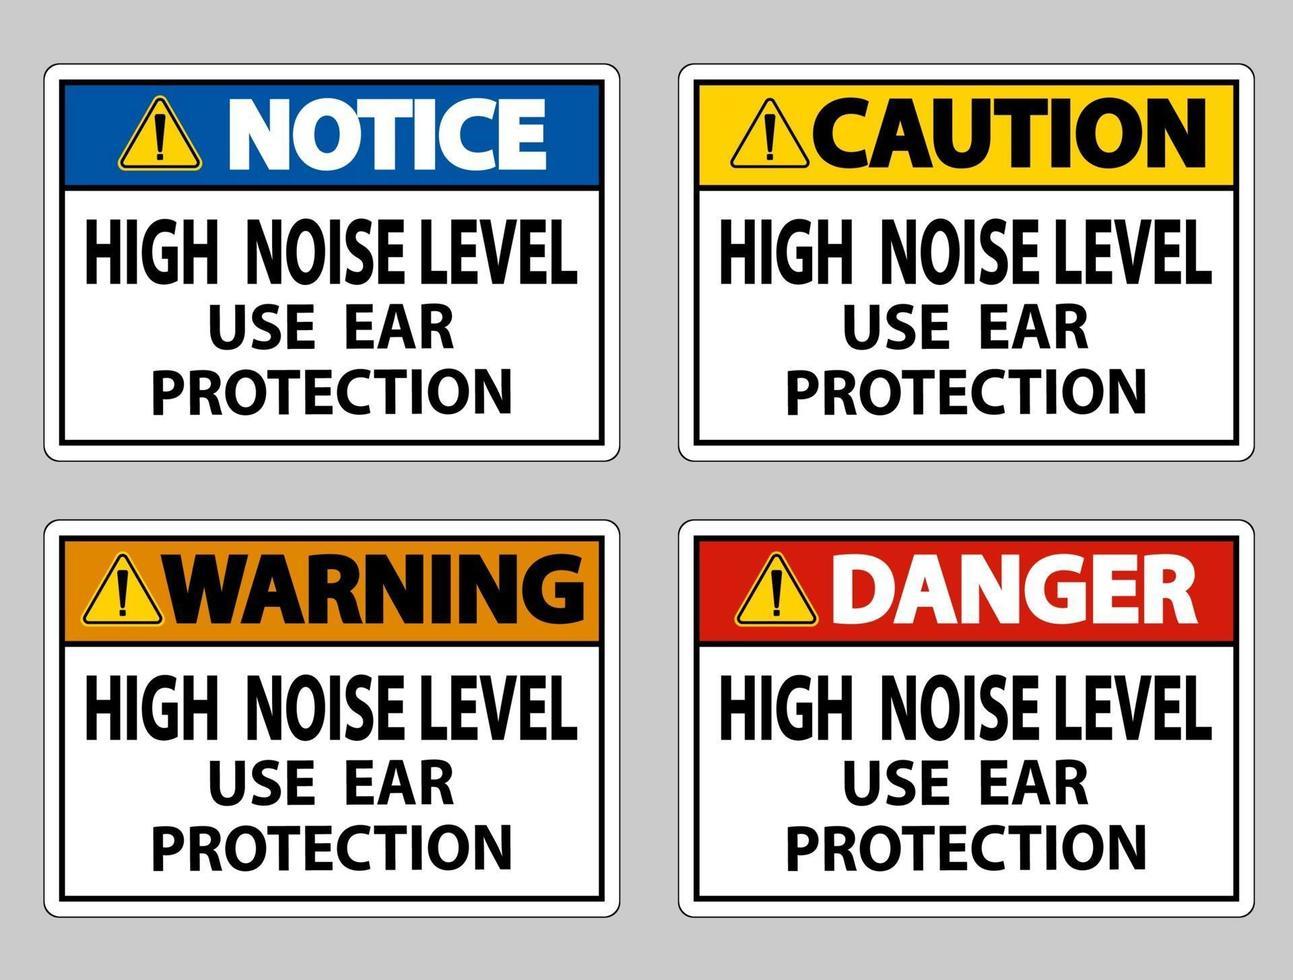 alto livello di rumore utilizzare set di protezione per le orecchie vettore